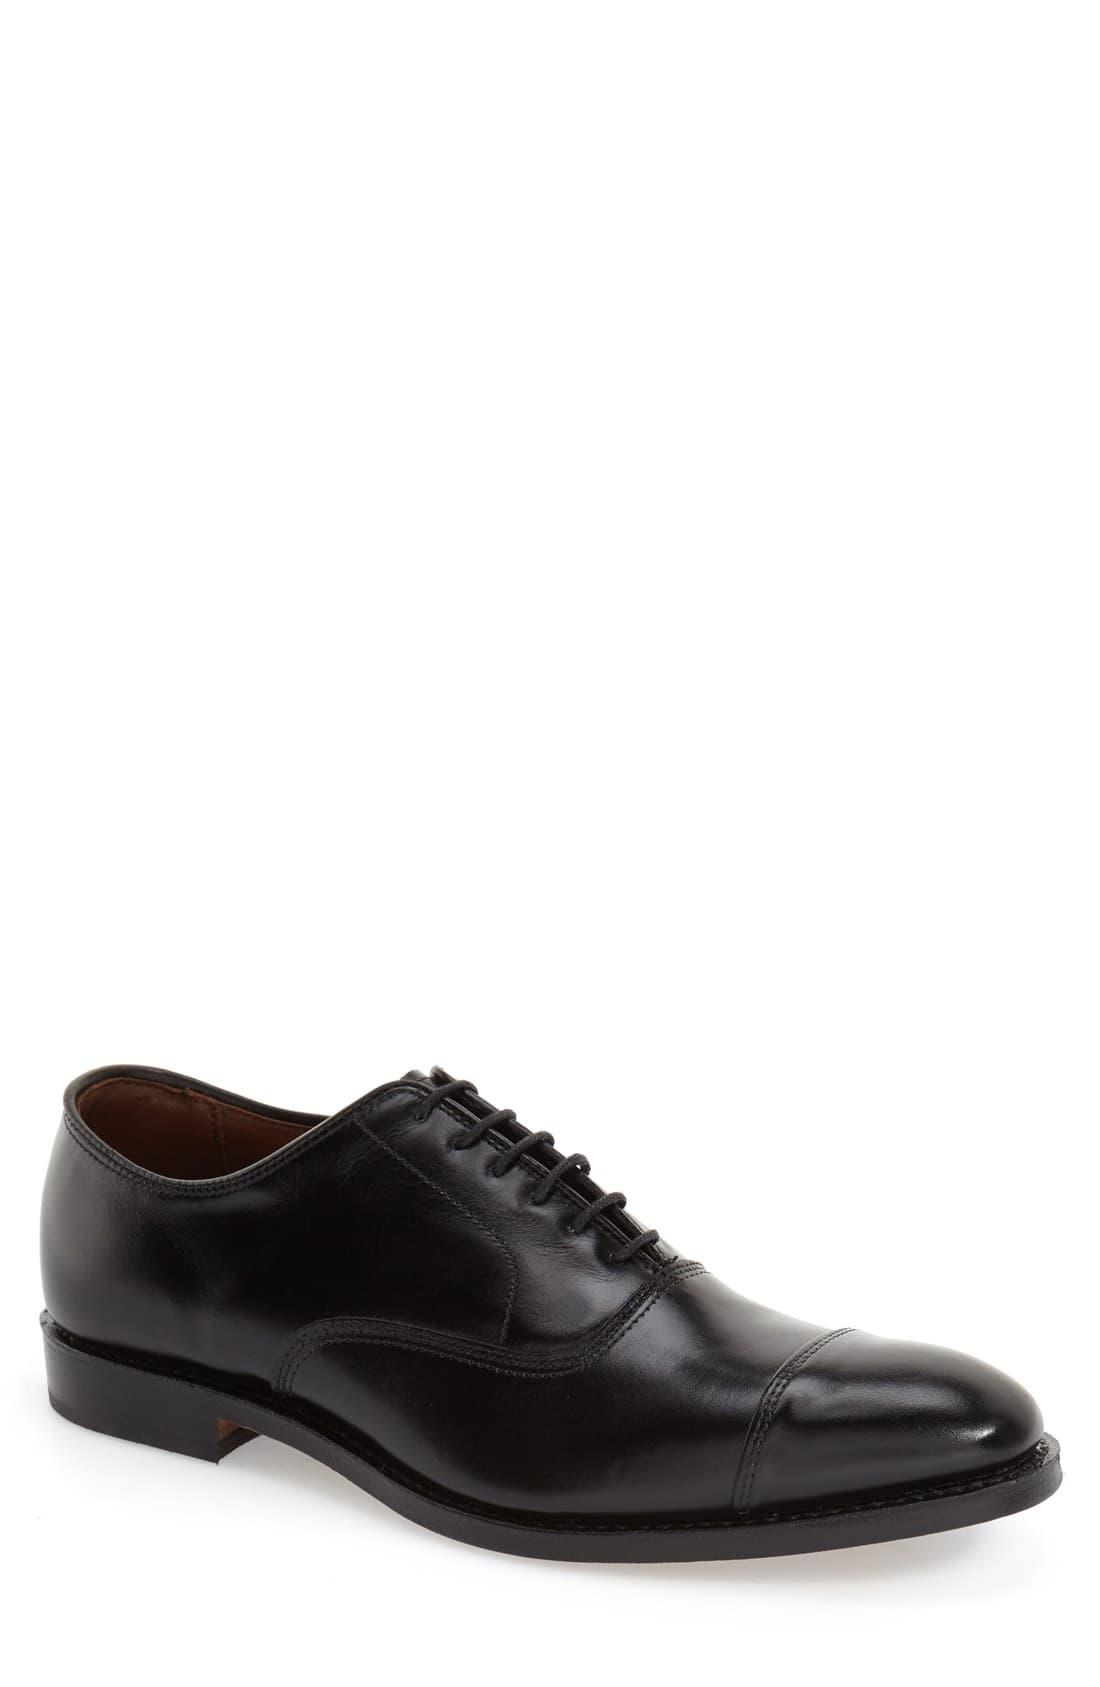 Allen Edmonds Park Avenue Oxford Men Nordstrom In 2021 Oxford Shoes Black Mens Oxfords Dress Shoes Men [ 1687 x 1100 Pixel ]